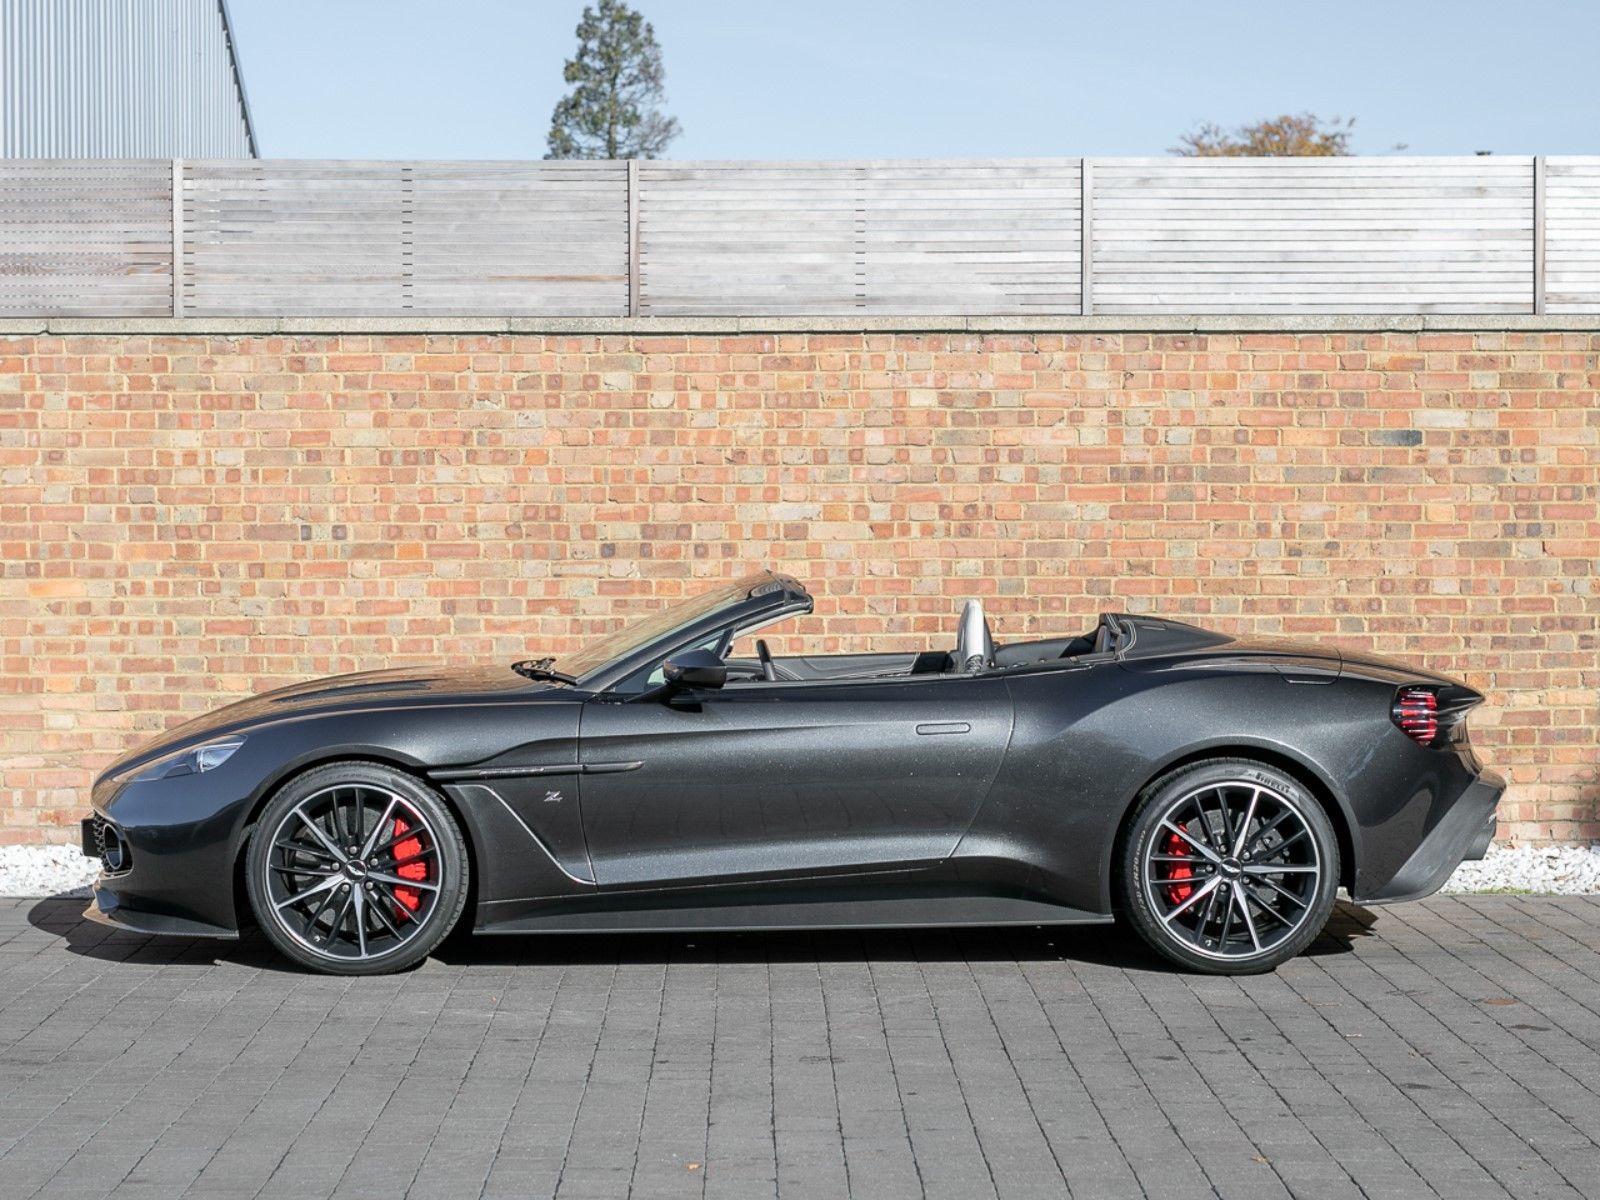 Aston Martin Vanquish Zagato Volante Luxury Pulse Cars United Kingdom For Sale On Luxurypulse